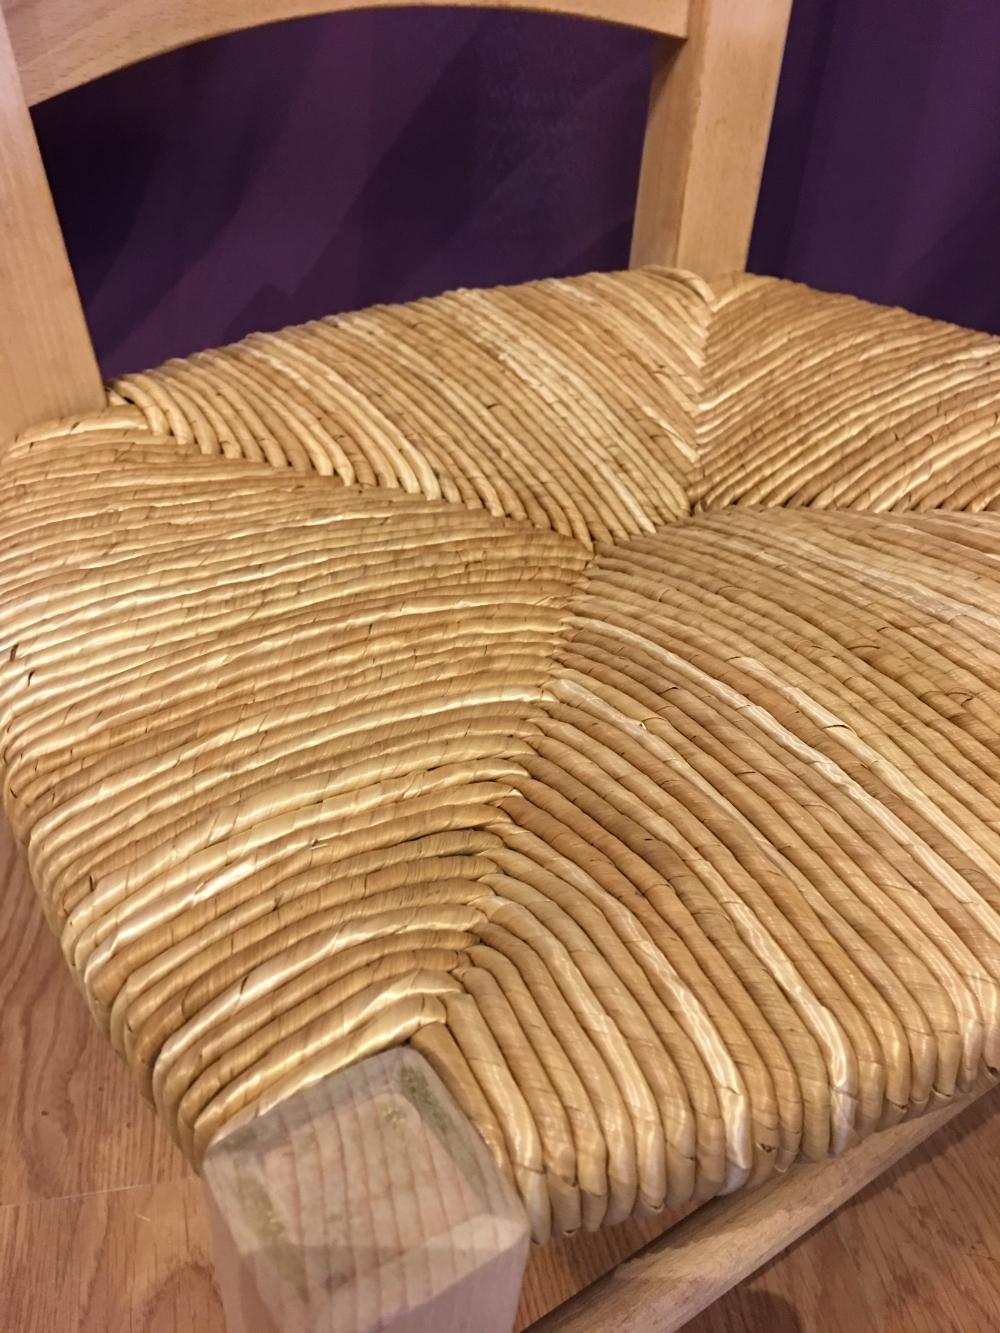 rempaillage de chaise nimes paillage de chaise nimes gard 30. Black Bedroom Furniture Sets. Home Design Ideas